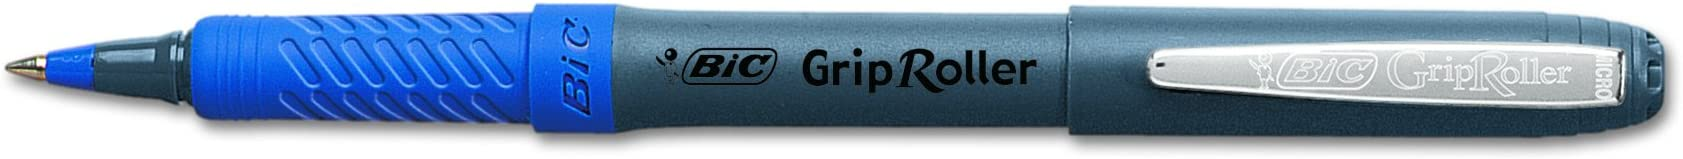 BIC Grip Roller Micro Bolografo, 12 piezas, azul